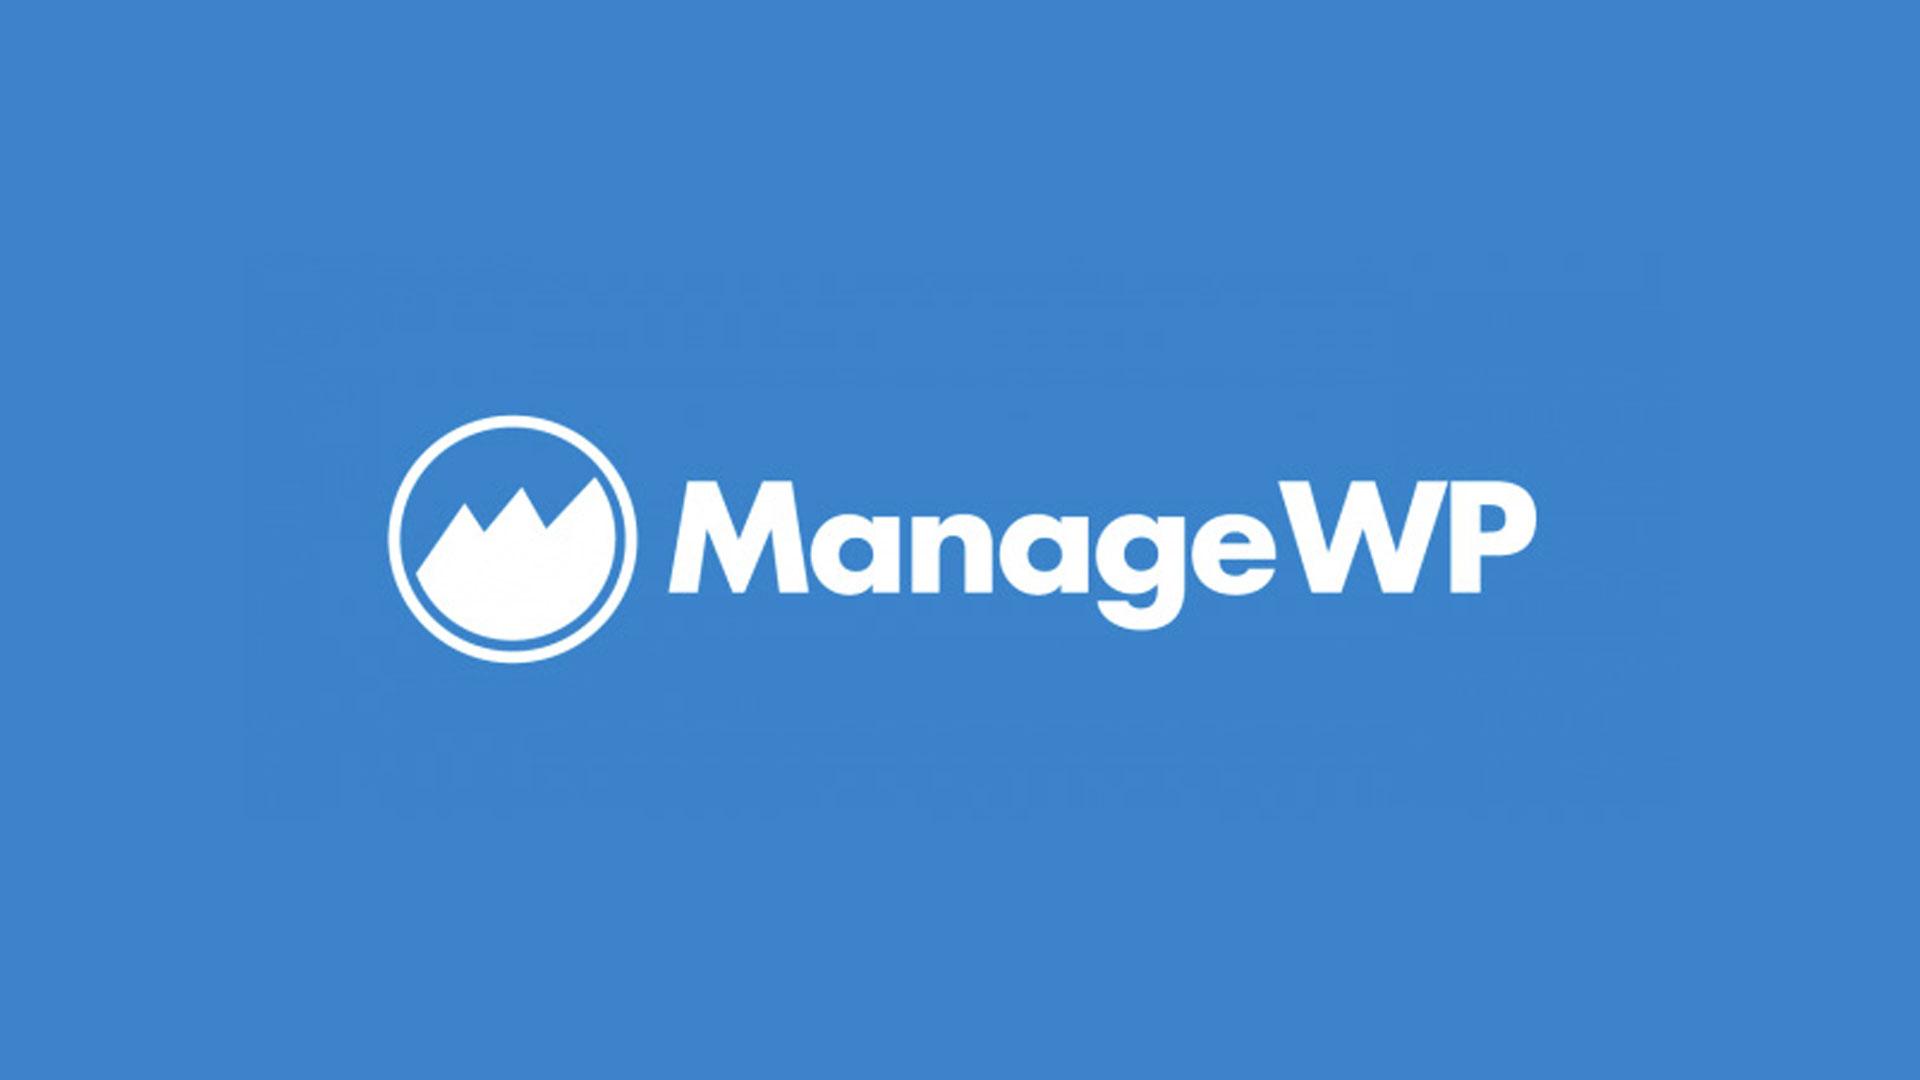 ManageWp - Applicazione web di gestione multipla di installazione di WordPress